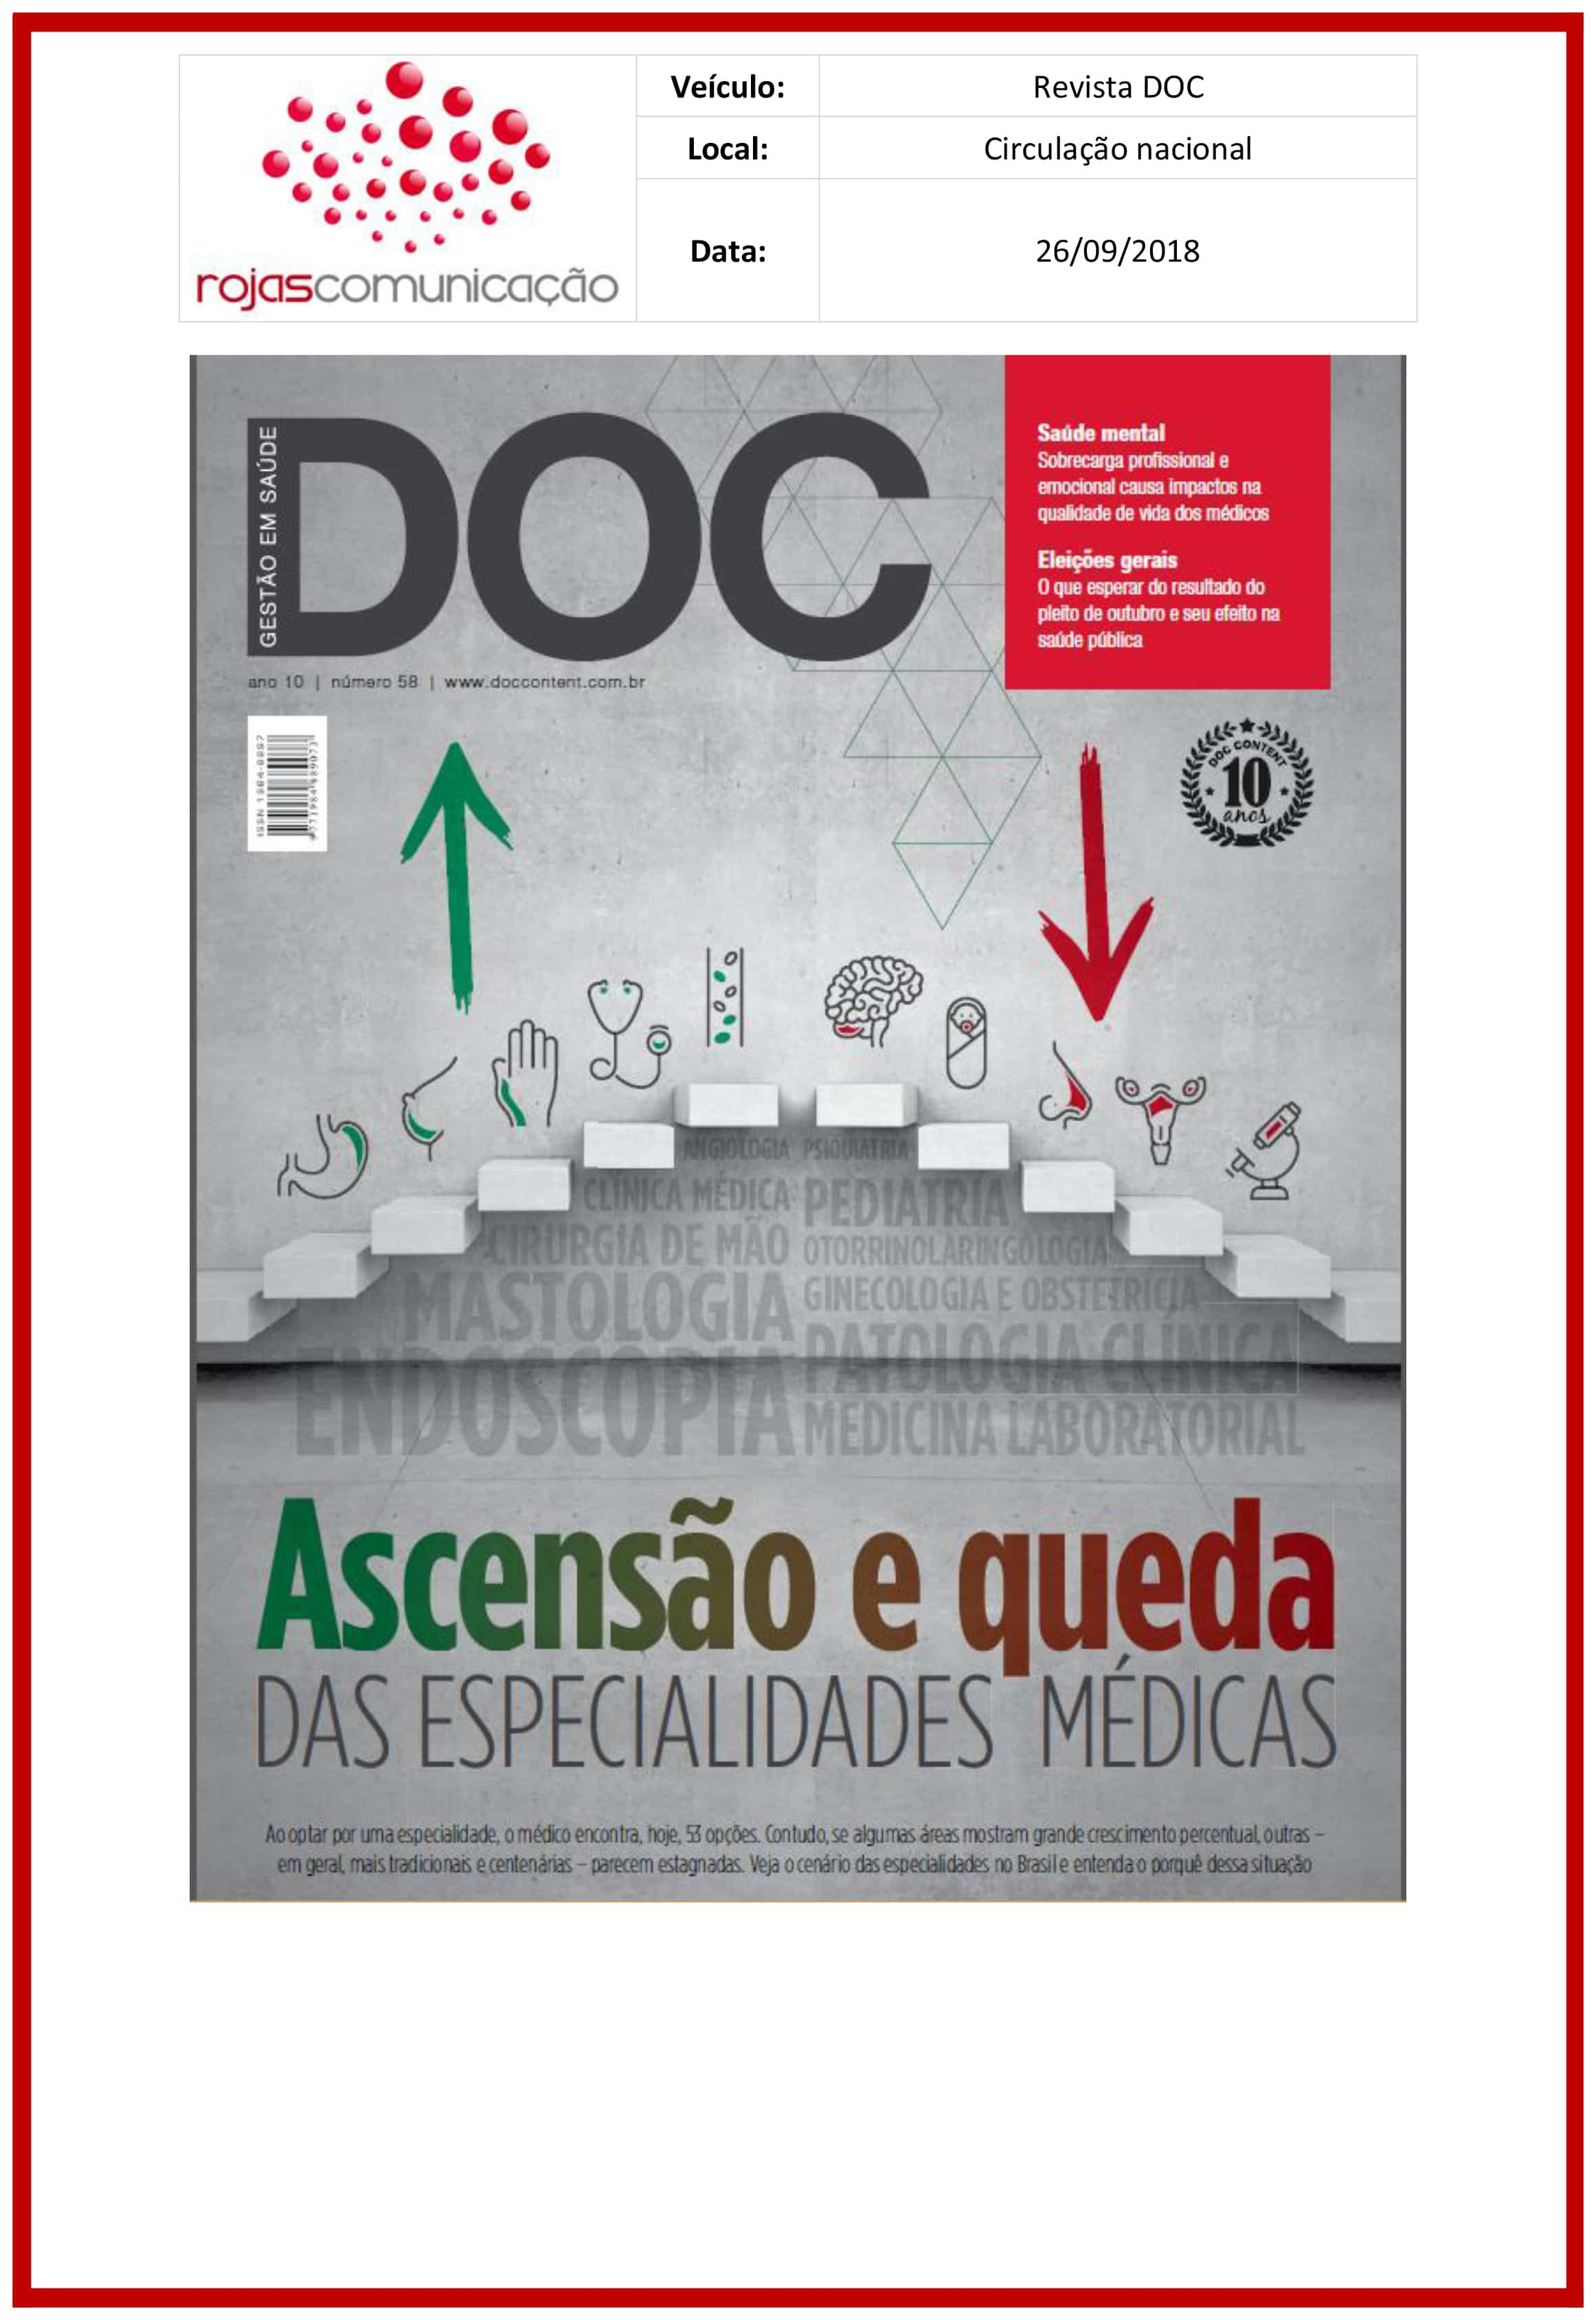 revista doc 01